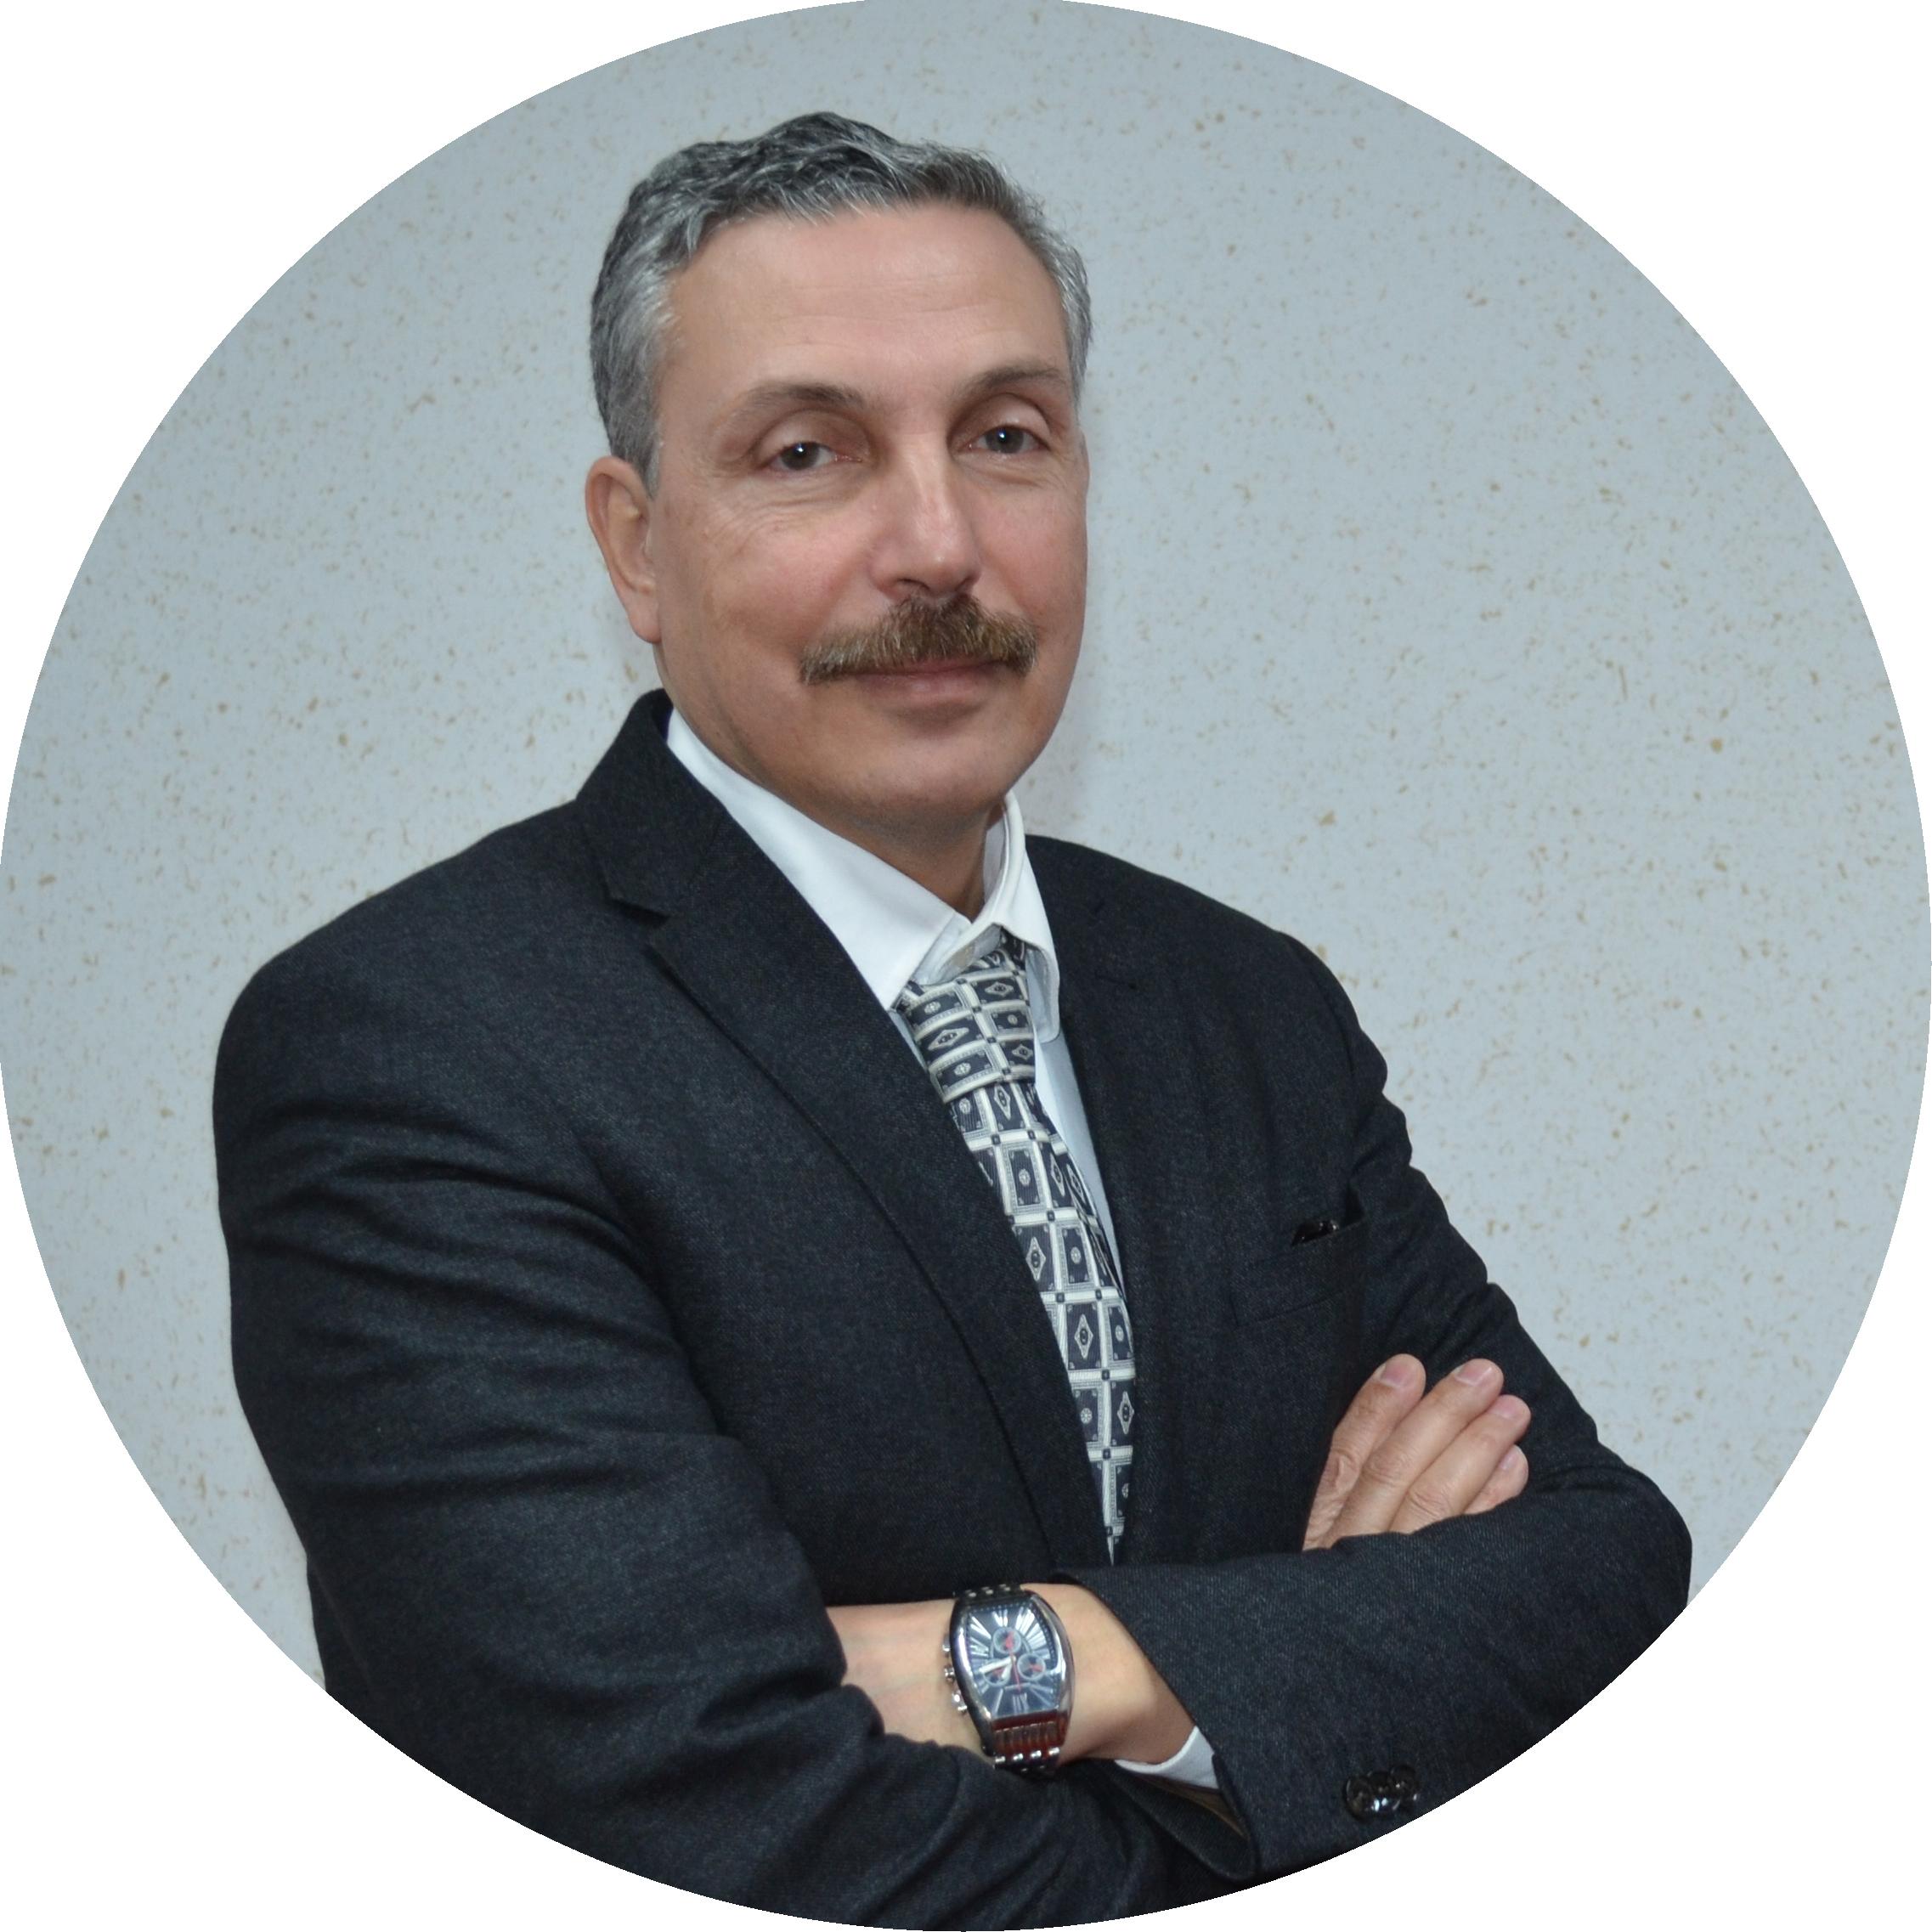 Allal Elamroui